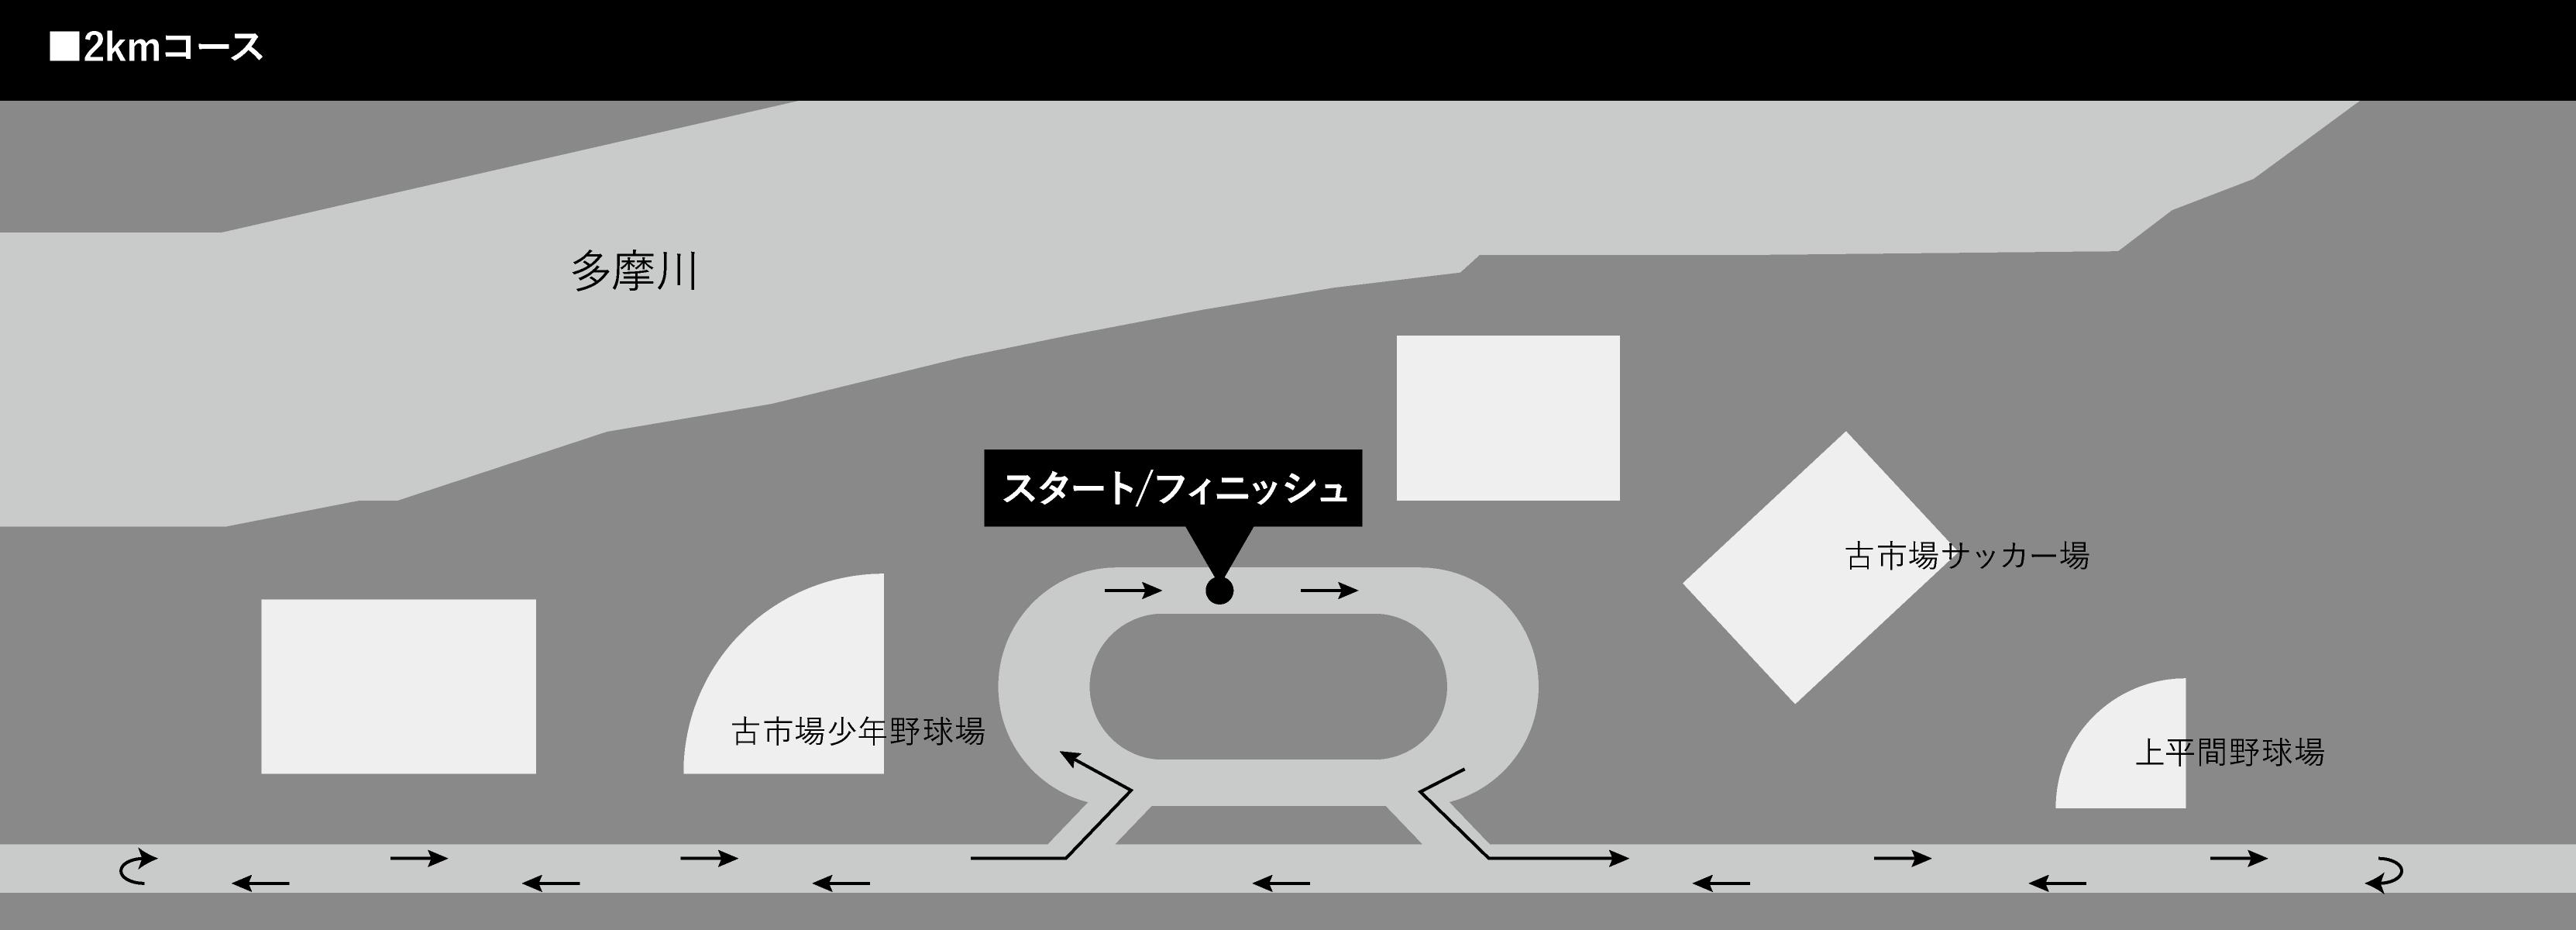 コースマップ・ハーフ